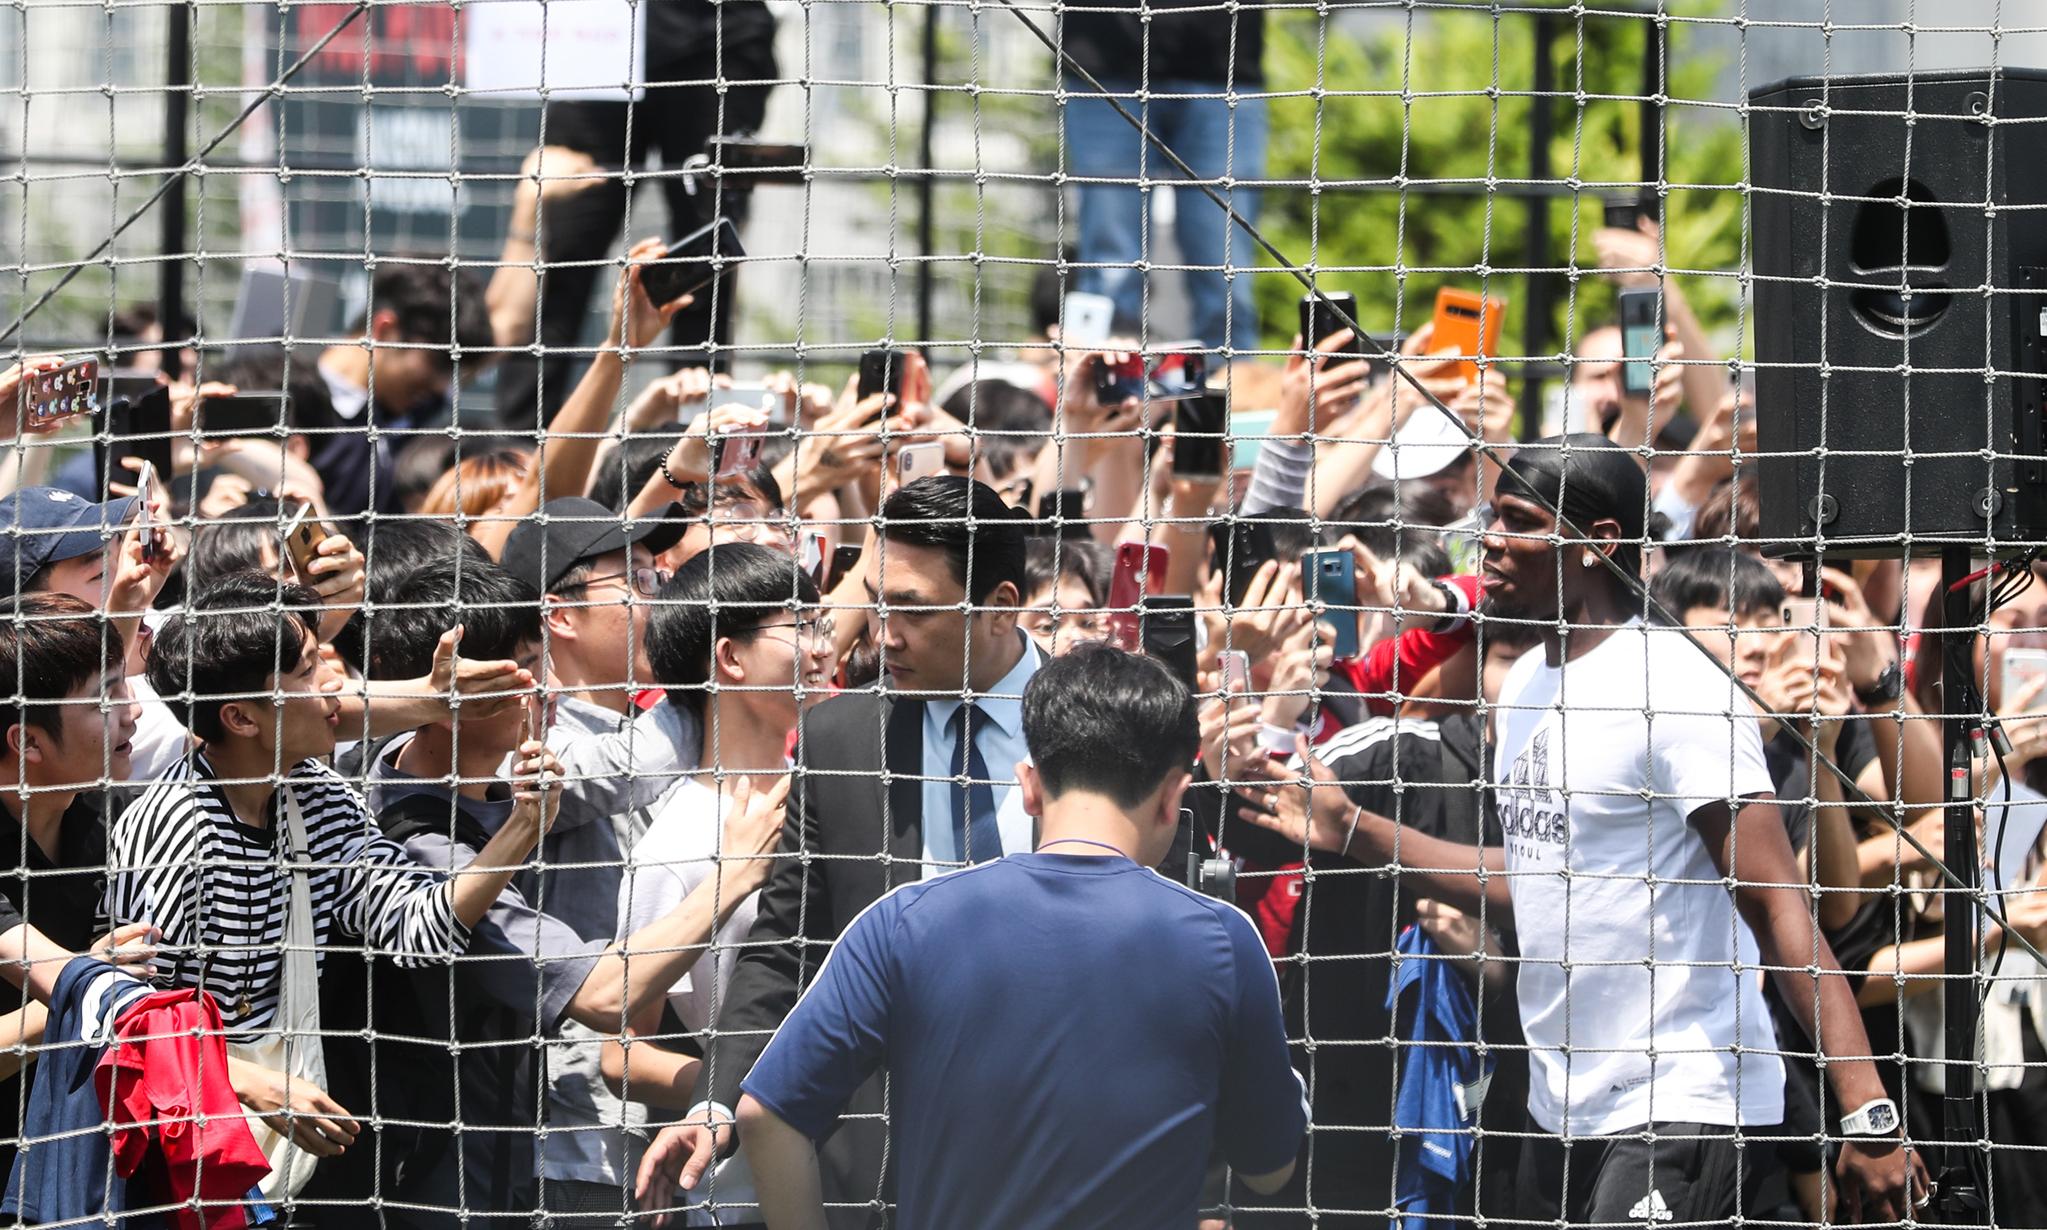 잉글랜드 프리미어리그 맨체스터 유나이티드의 폴 포그바가 13일 서울 용산구 아디다스 더베이스 서울에서 열린 아디다스-폴 포그바 아시아 투어 행사에서 팬들의 환호를 받으며 입장하고 있다. [연합뉴스 ]